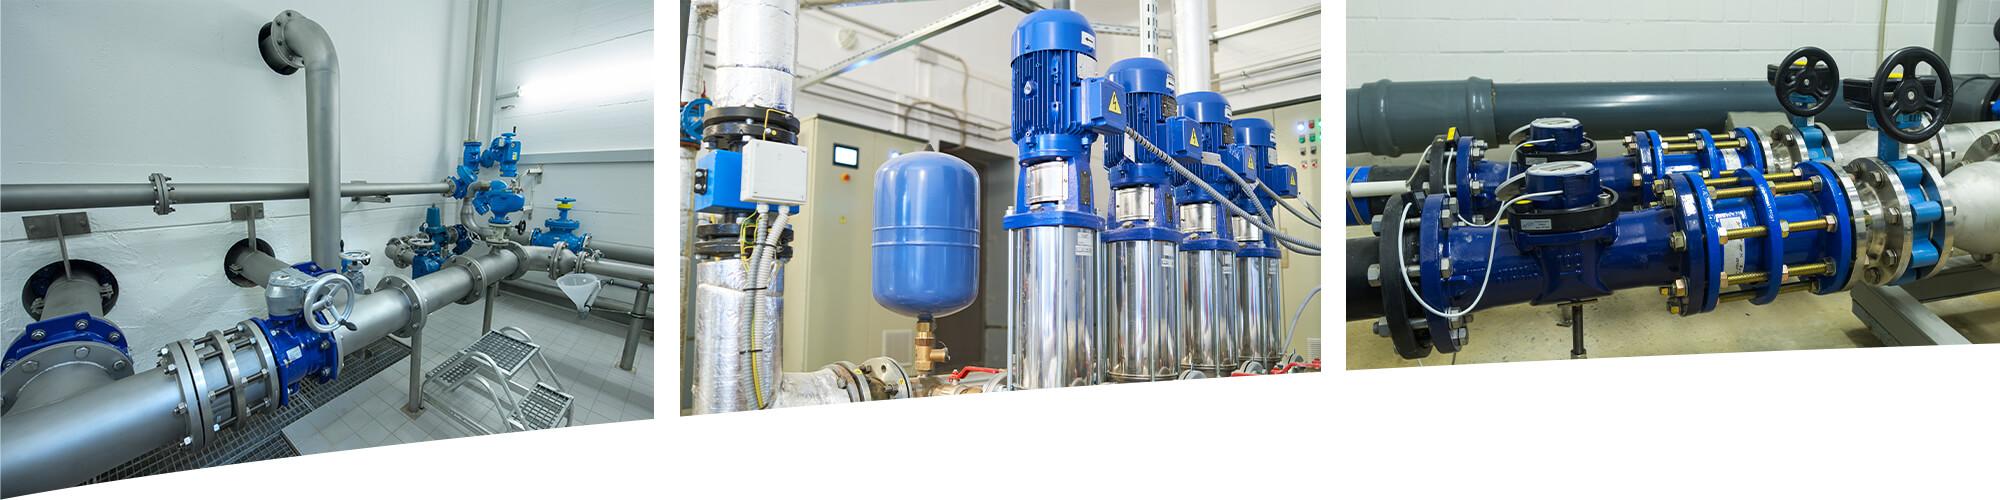 IB Riedrich - Fachingenieure für Wasserversorgung